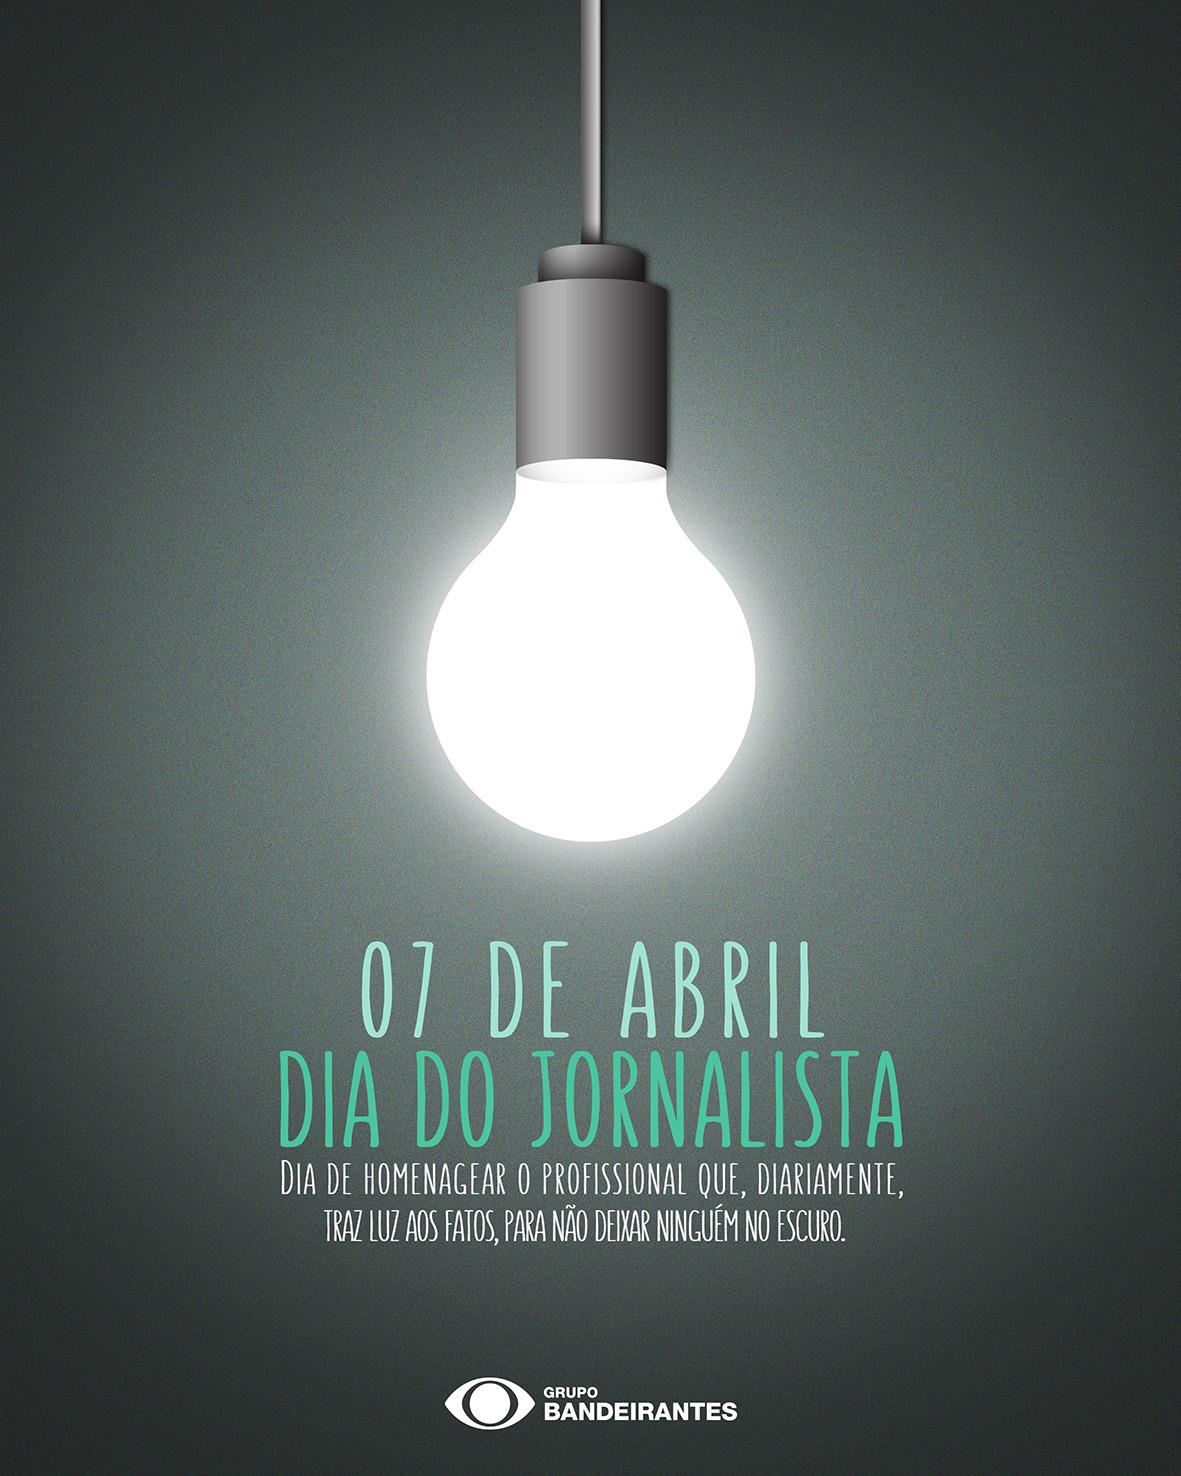 Dia-do-jornalista2